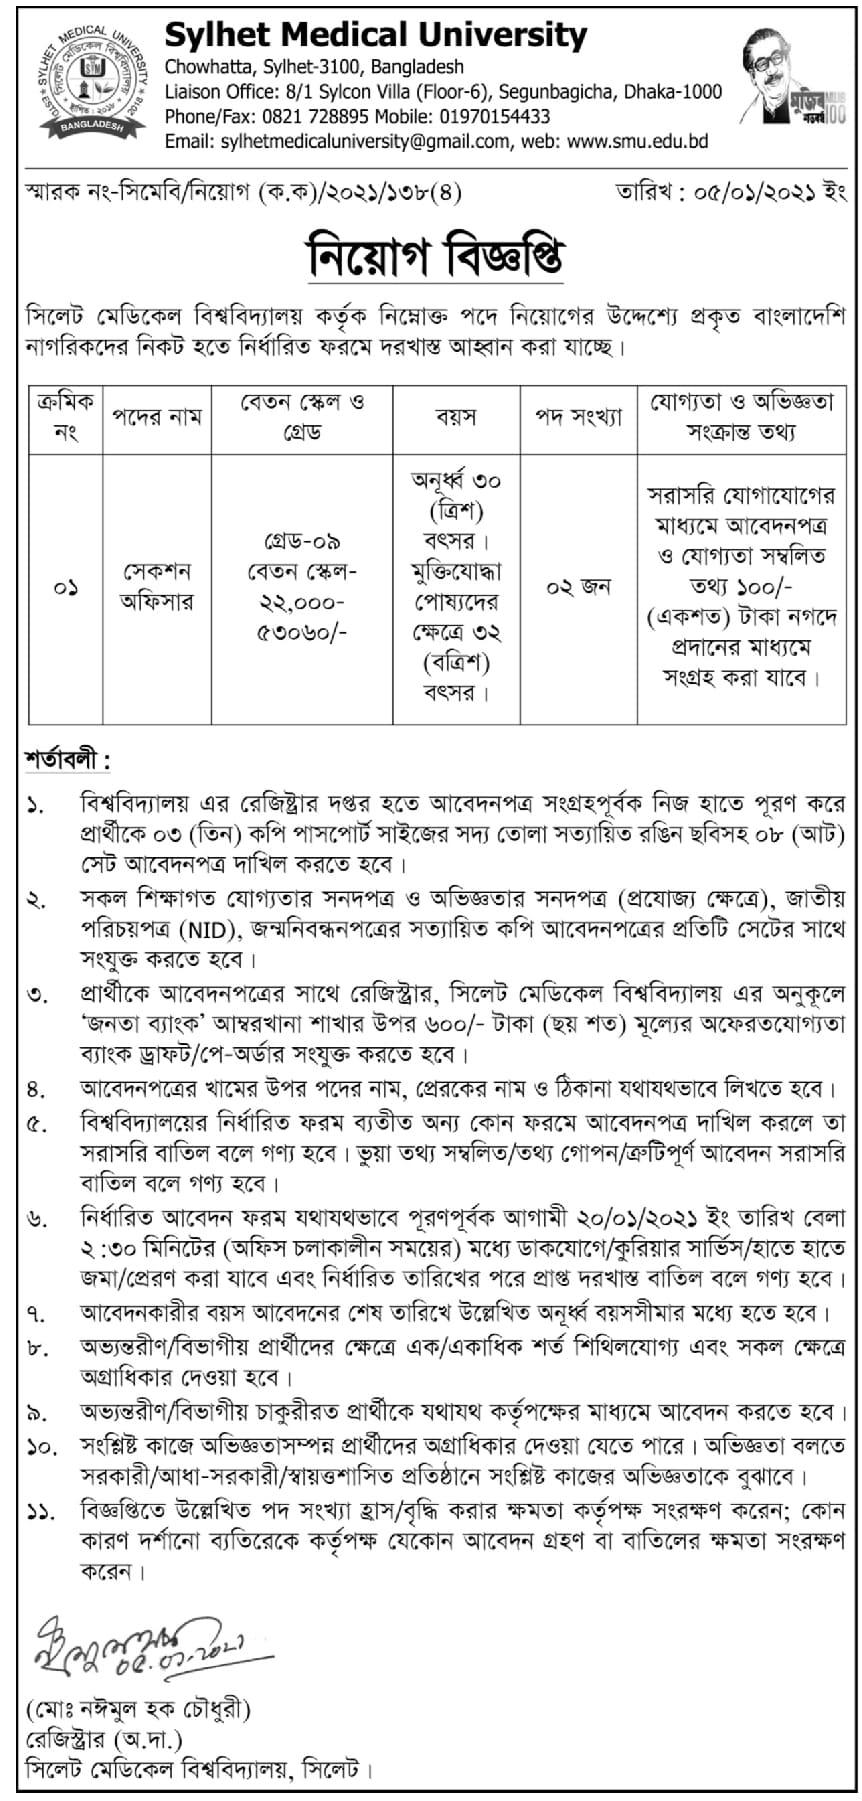 Sylhet Medical University Job Circular 2021